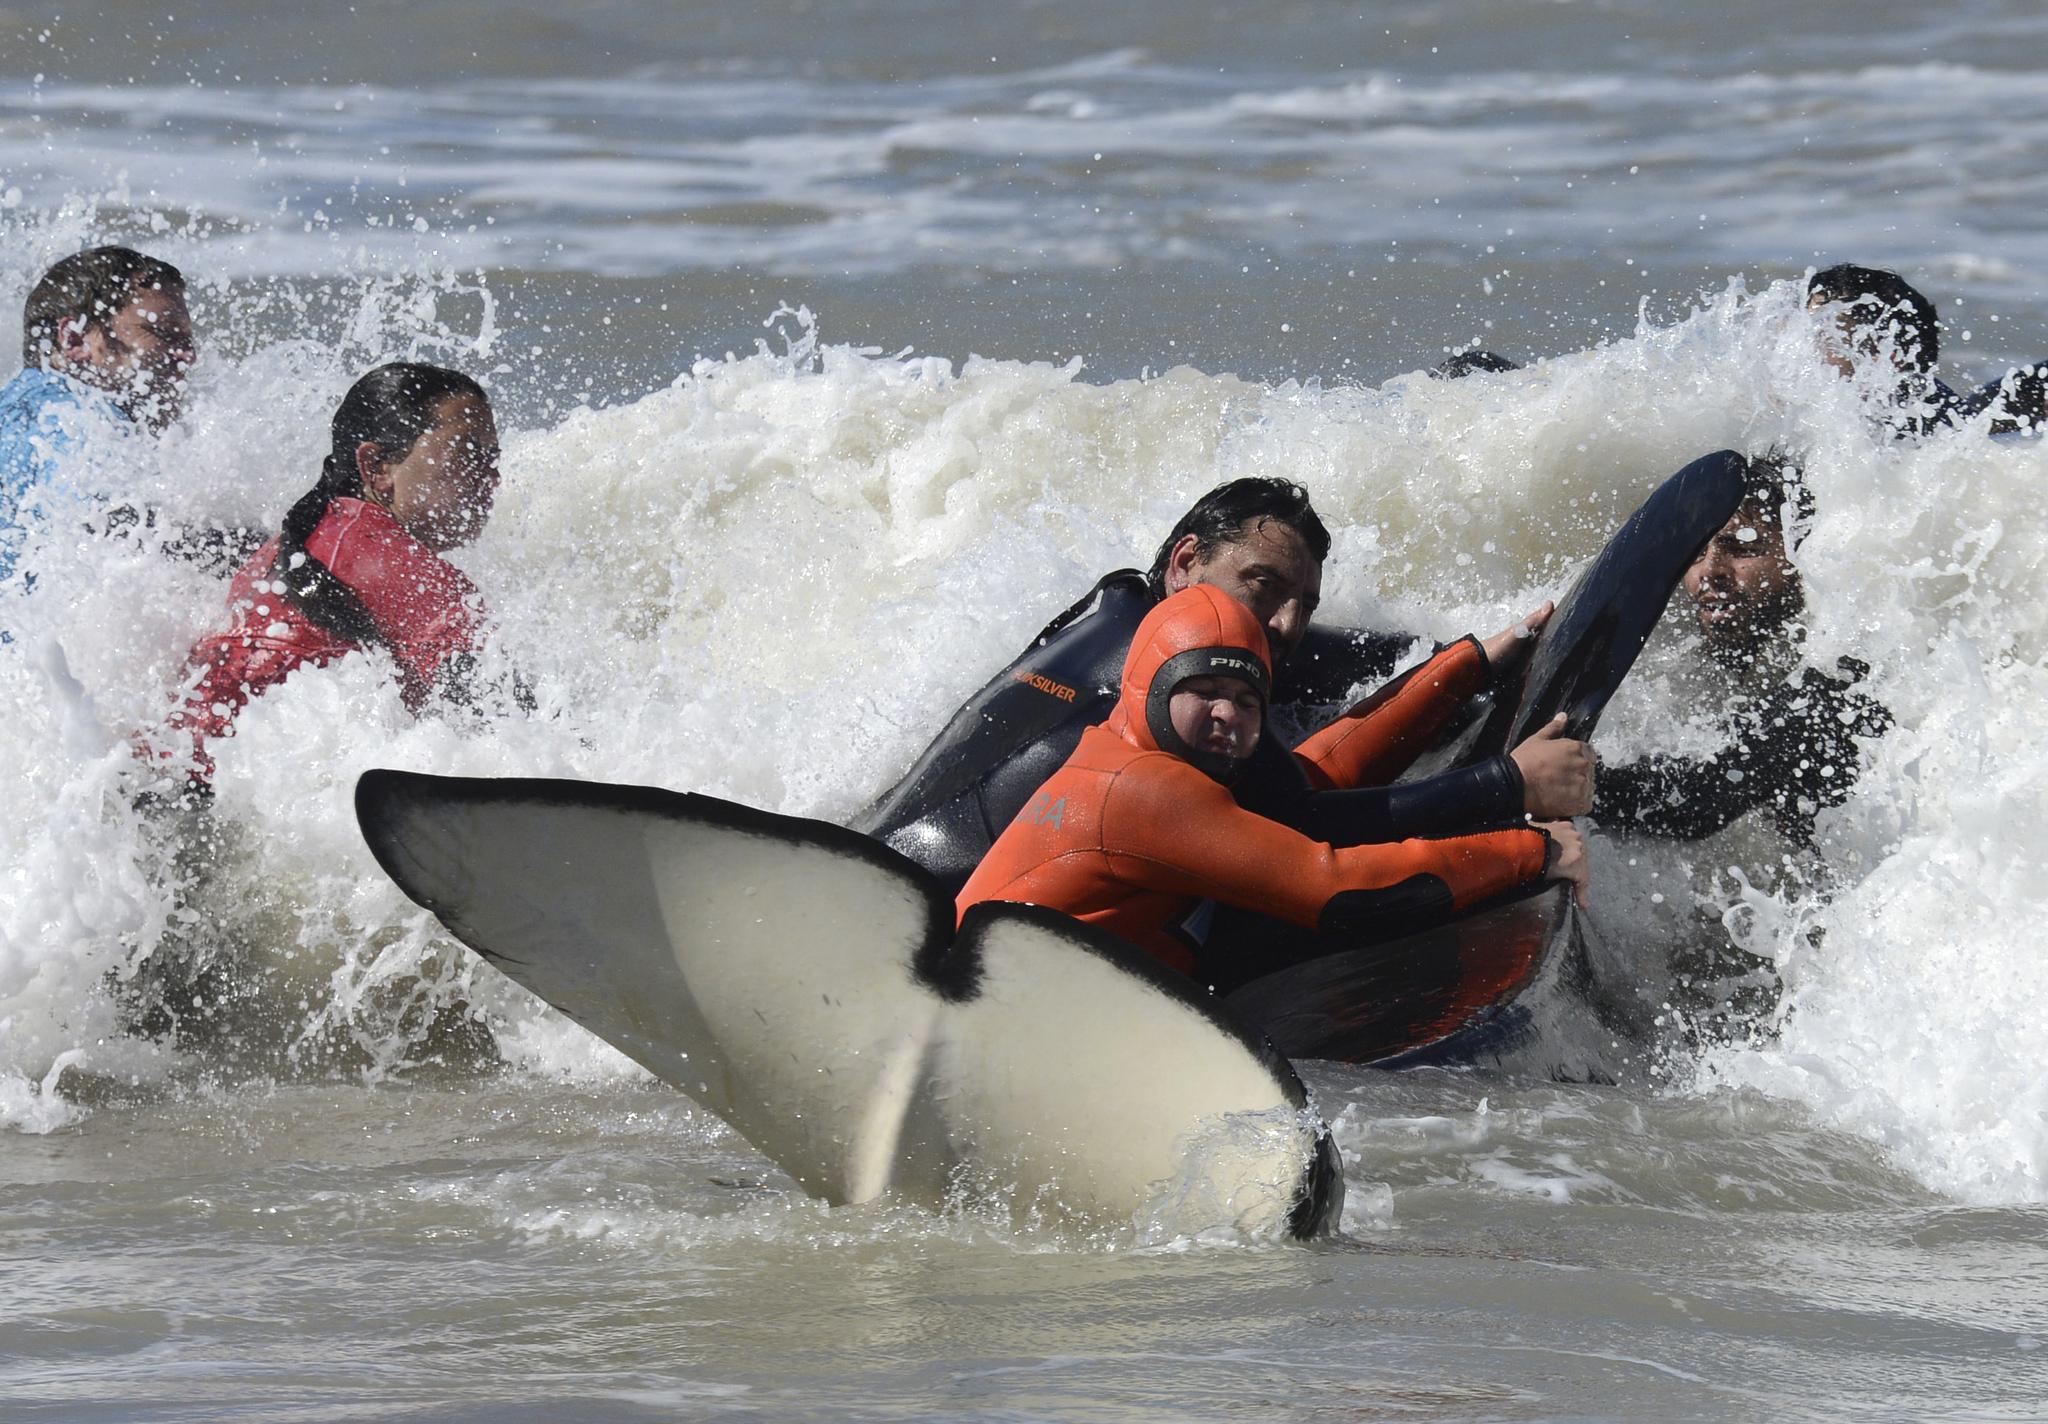 구조대와 자원봉사자들이 16일(현지시간) 아르헨티나 마르치키타 인근 해변에 고립된 범고래를 바다로 돌려보내기 위해 애를 쓰고 있다. [AP=연합뉴스]